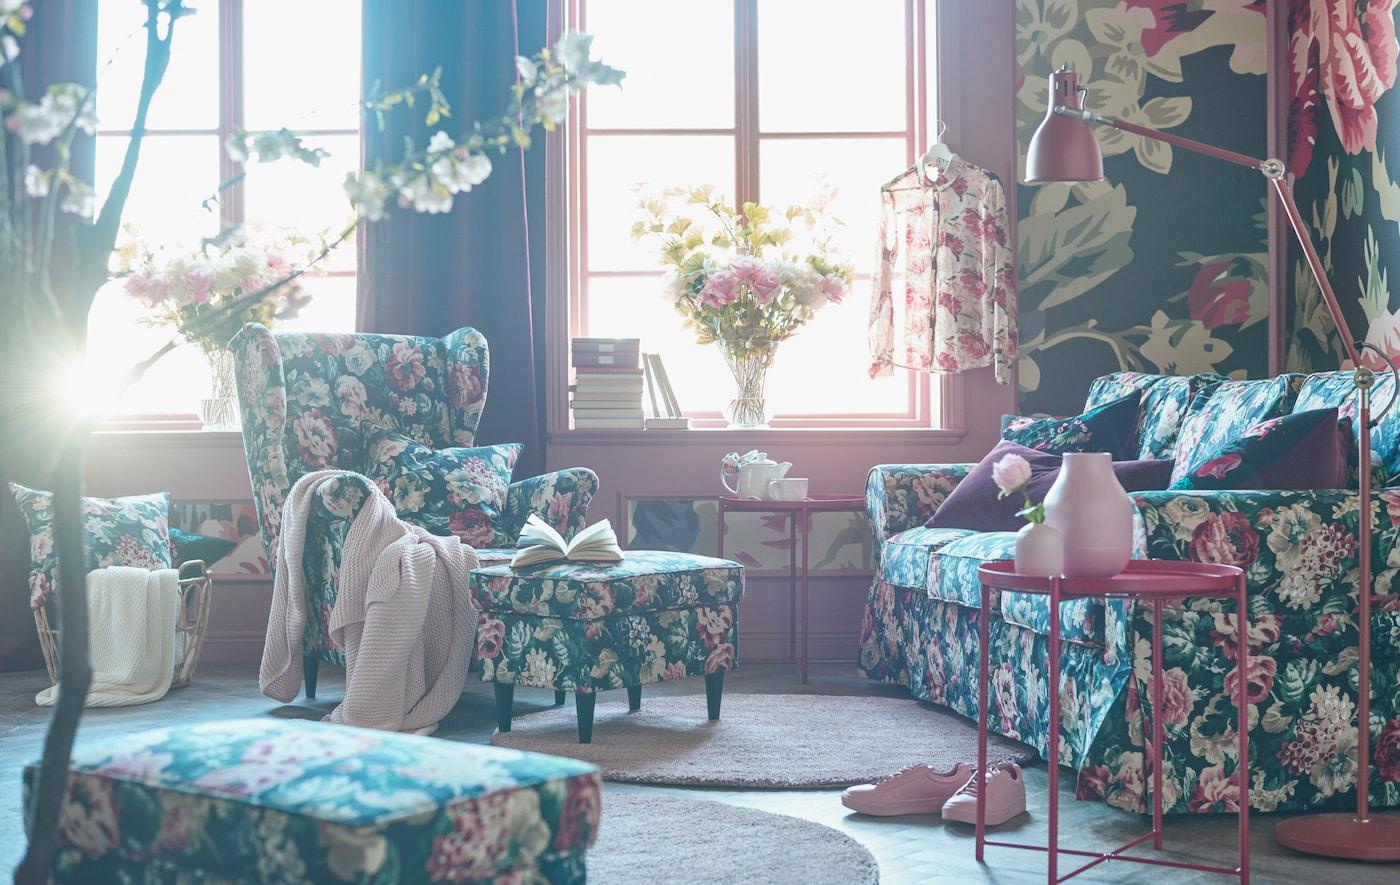 Sofá, sillón, reposapiés y cojines con llamativo estampado floral en un salón decorado con papel de pared con un atrevido estampado floral.